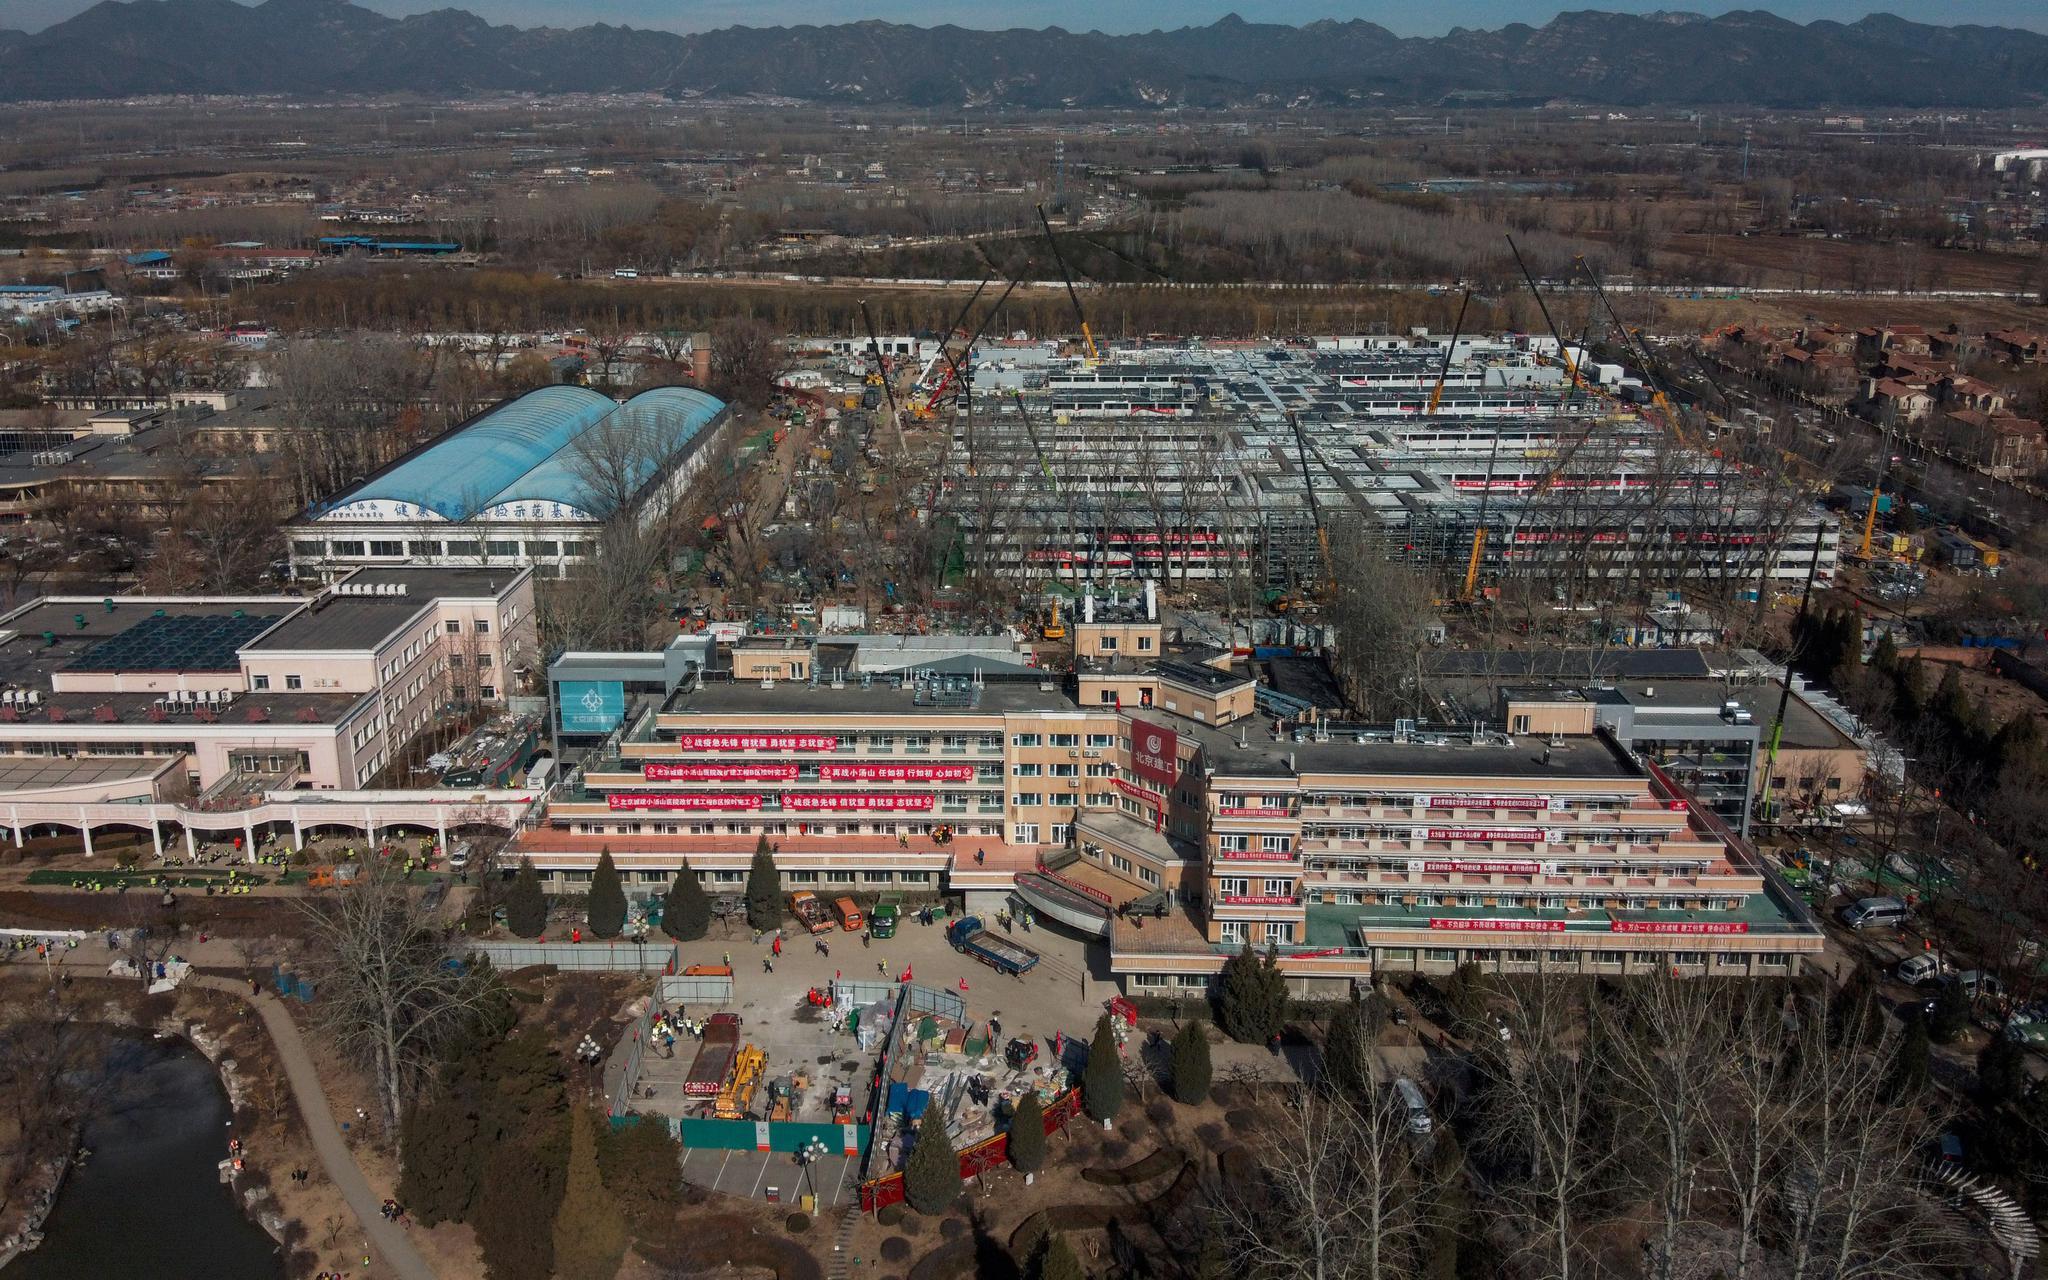 http://www.store4car.com/zhengwu/1688879.html